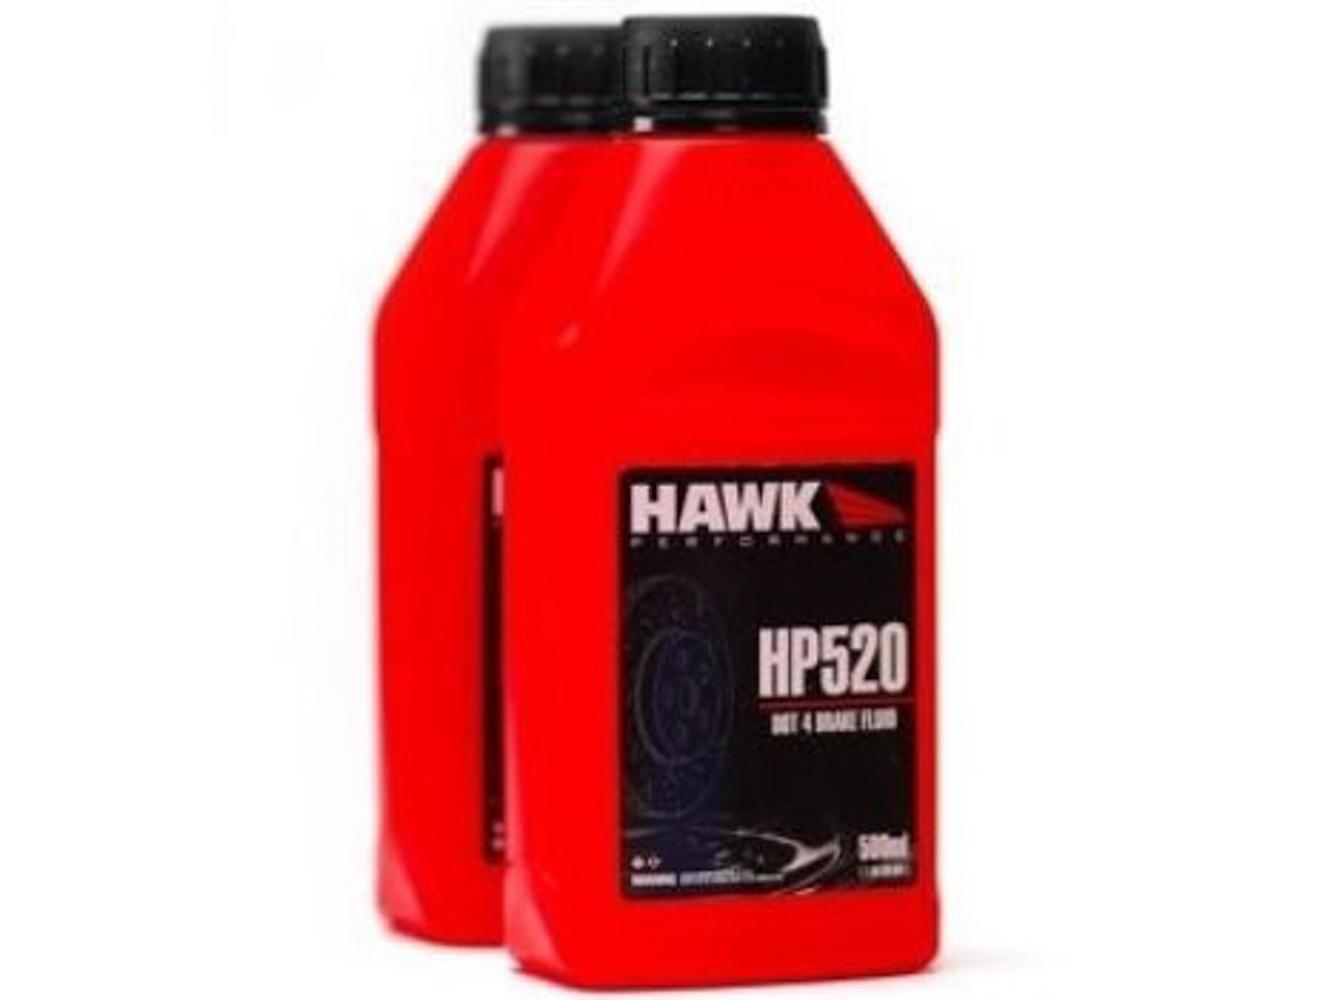 Hawk Brake HP520 Brake Fluid, HP520, Street, DOT 4, 500 ml, Each